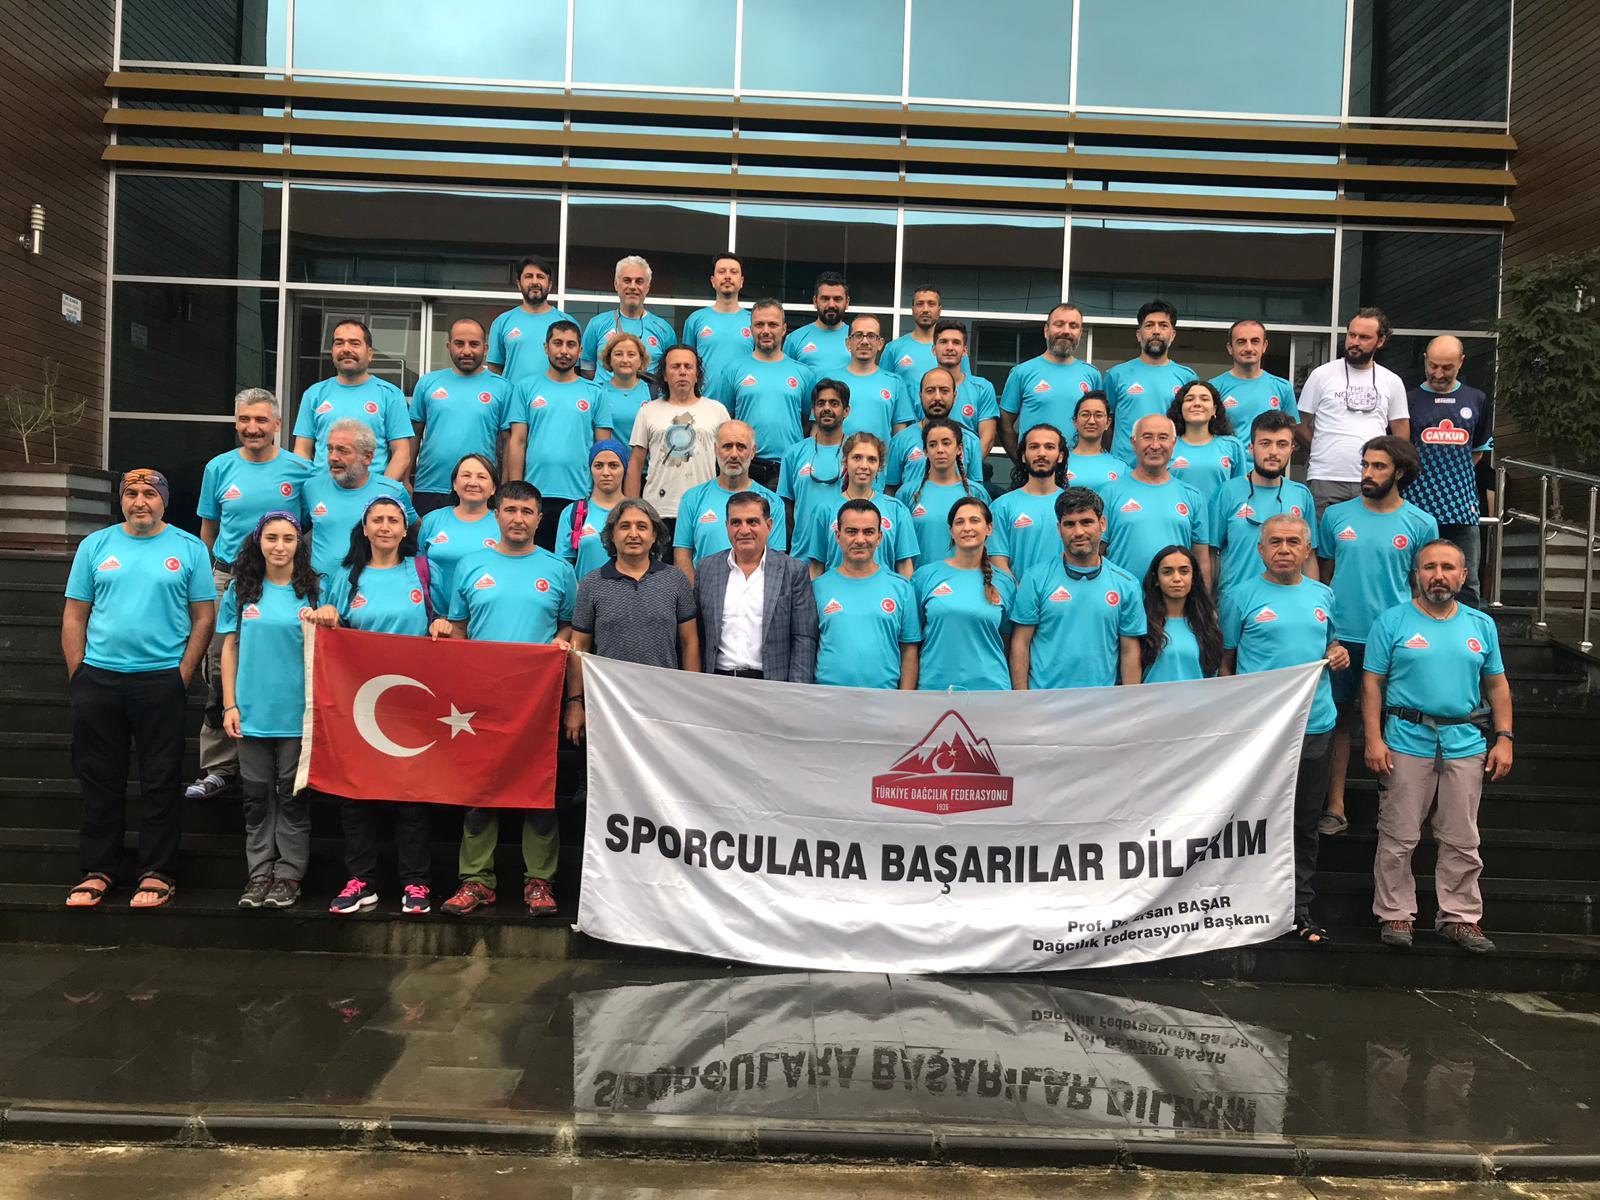 Buzul eğitimi için ilk ekip Gürcistan'a doğru yola çıktı.